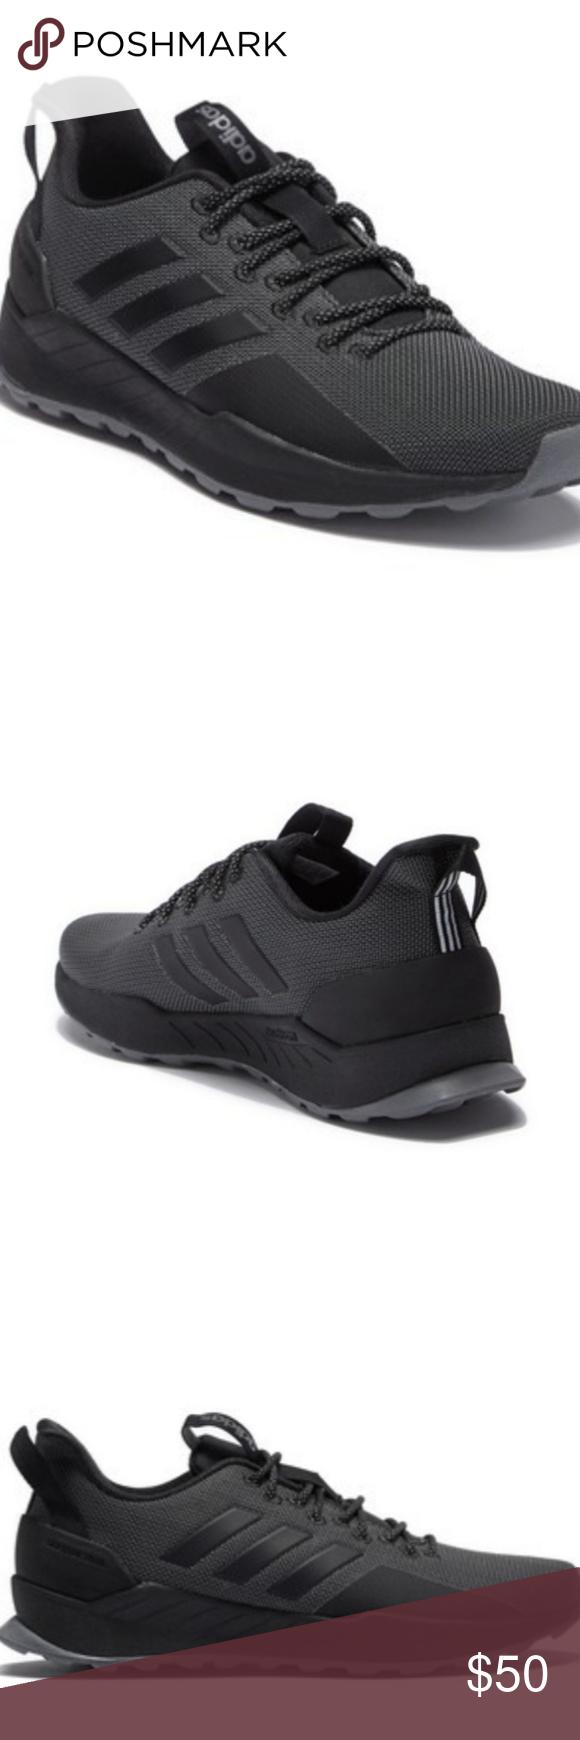 Adidas Questar Trail Black and Grey